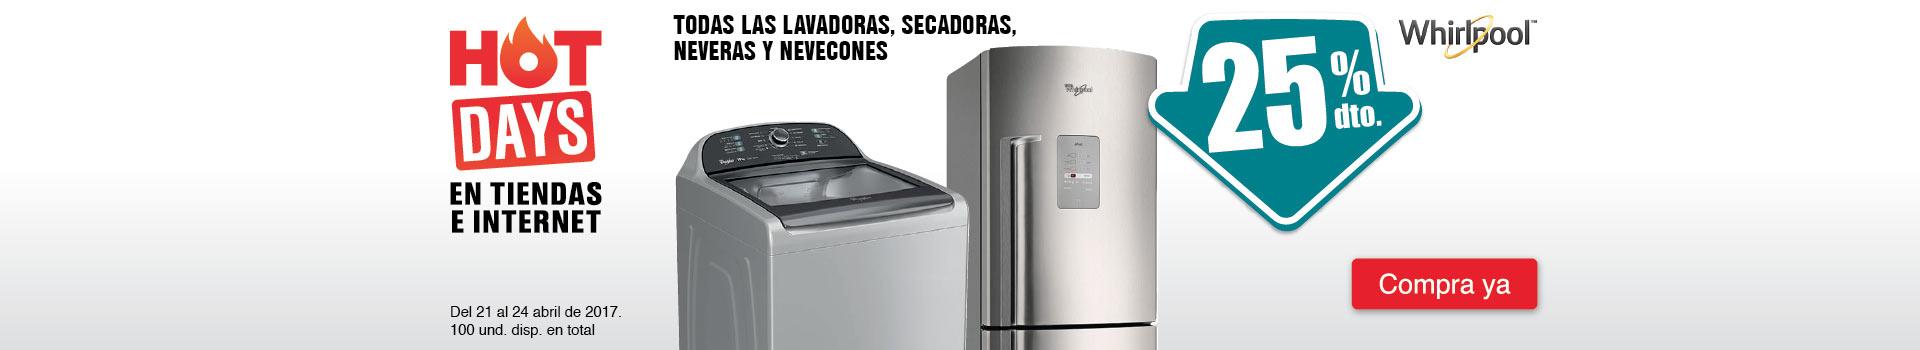 CAT NEV - abril 21 - 25%DTO en TODAS las lavadoras, secadoras, neveras y nevecones marca WHIRLPOOL